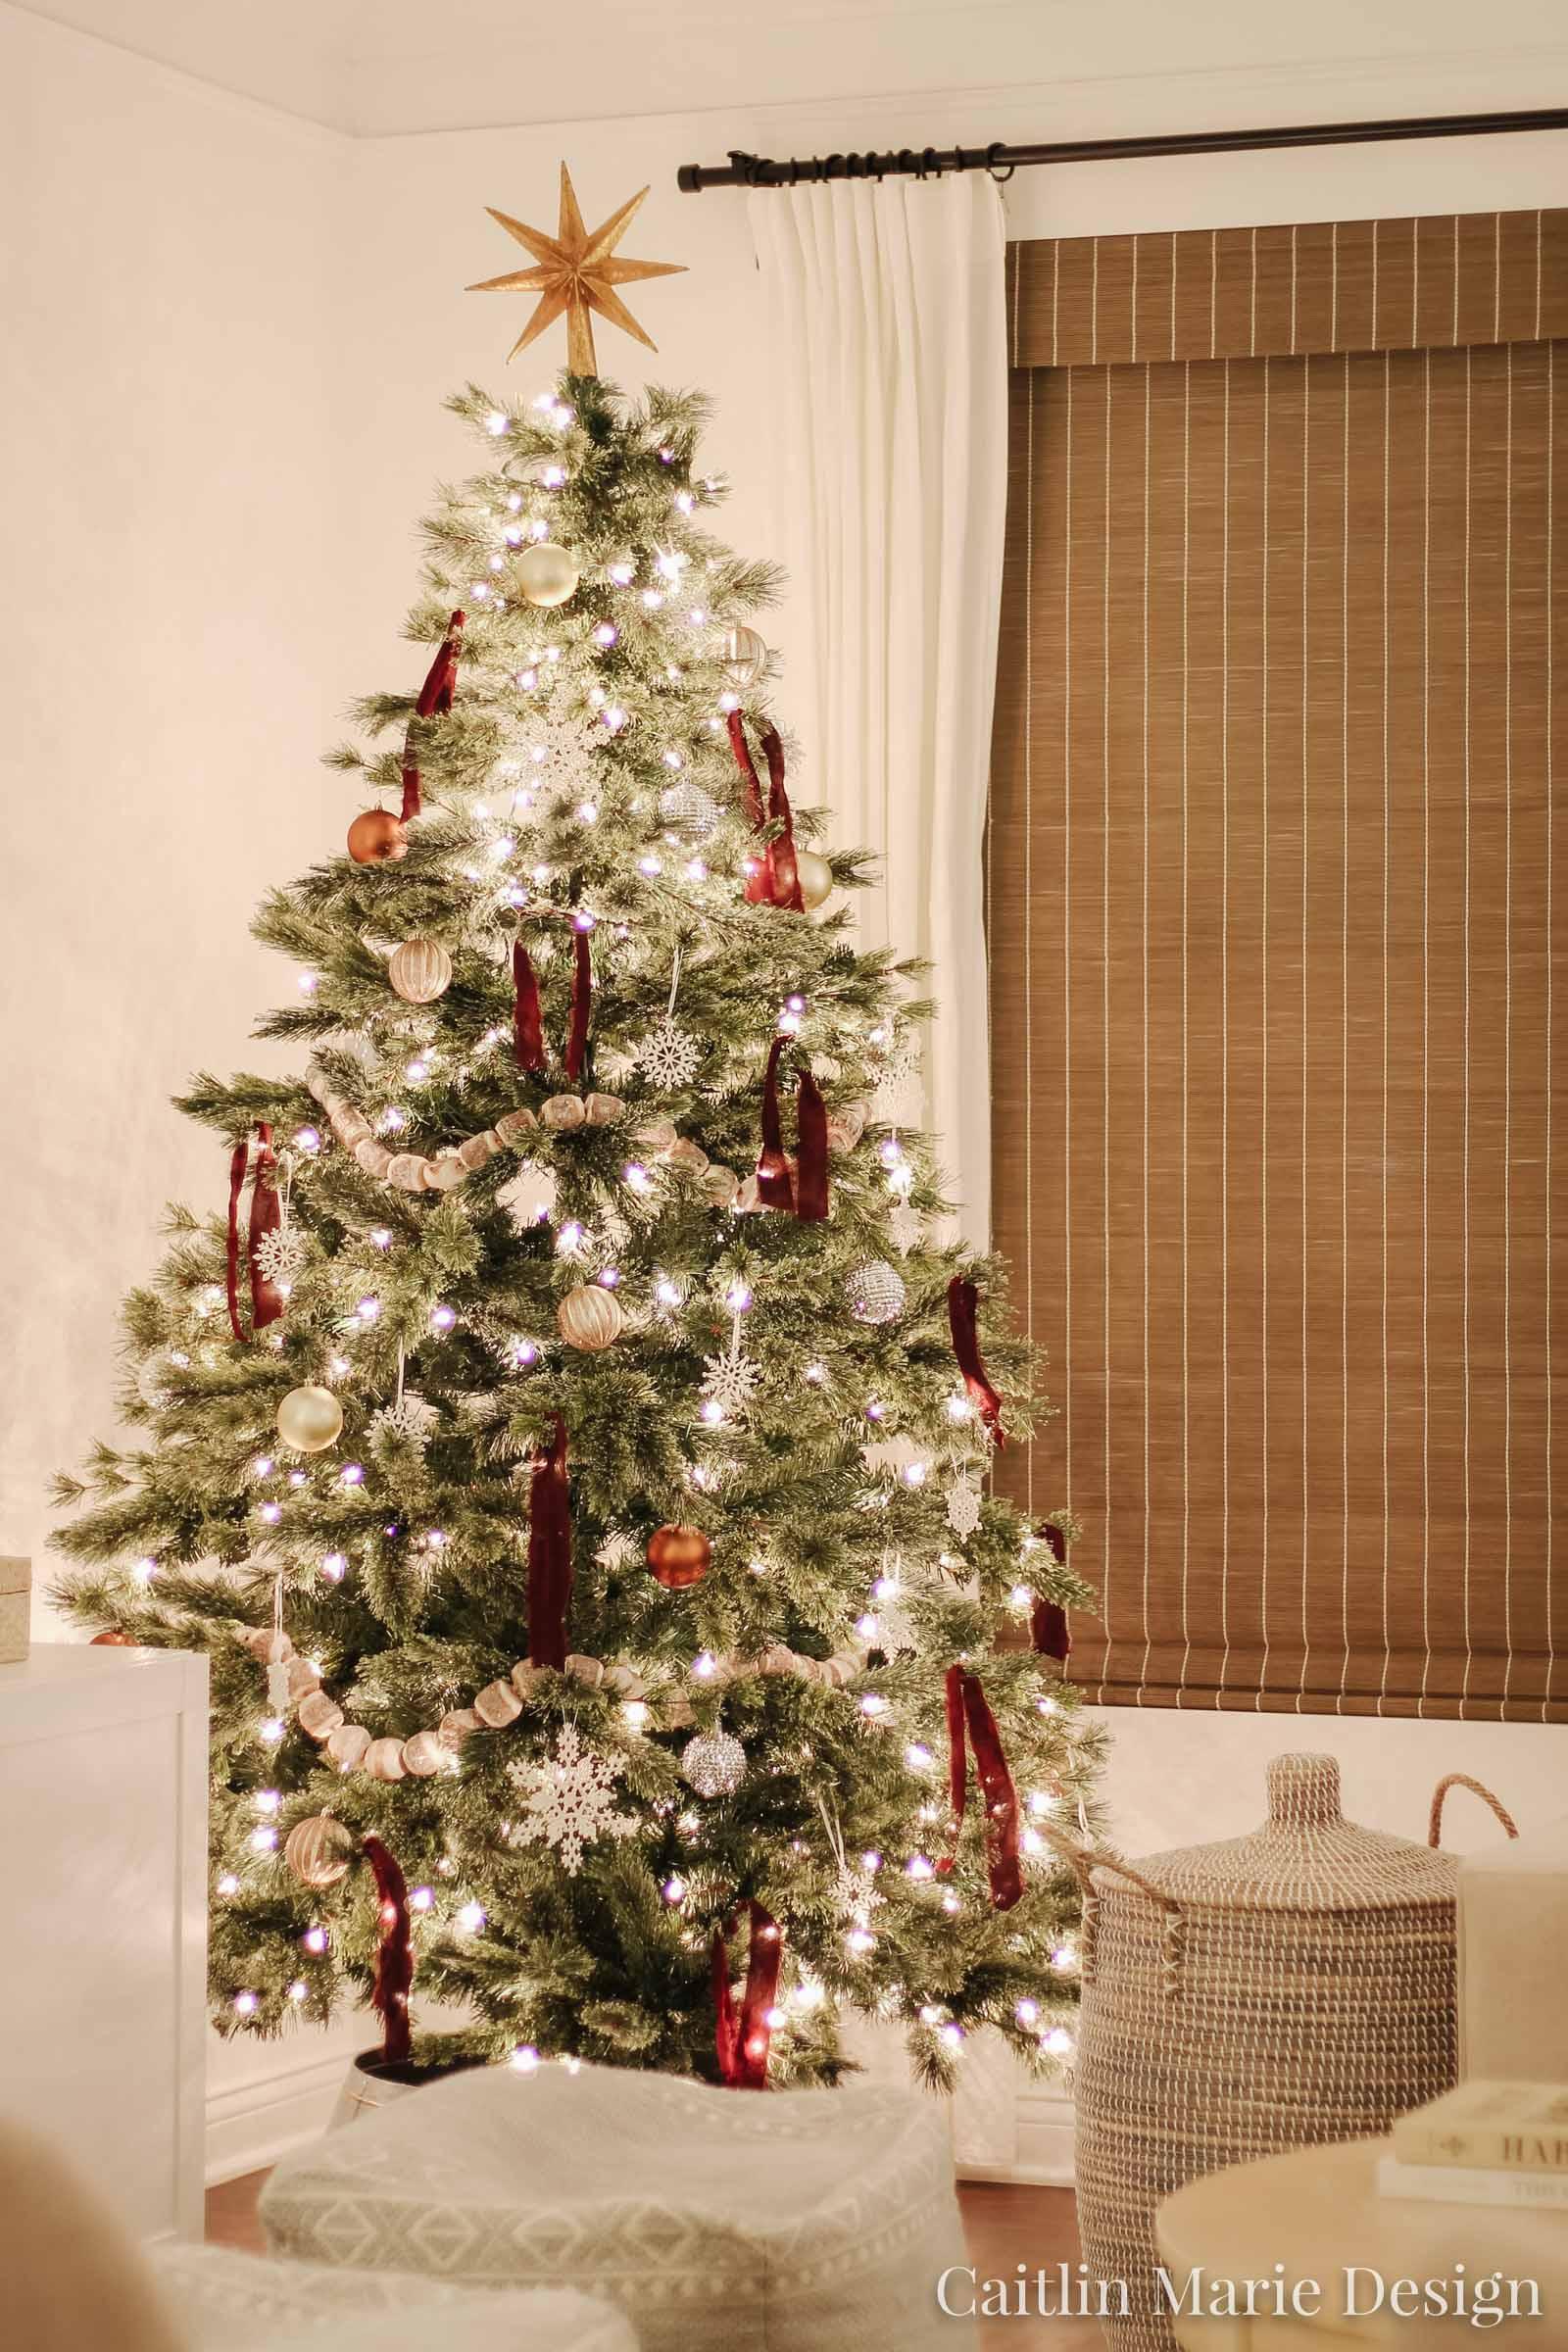 nighttime Christmas tree photo